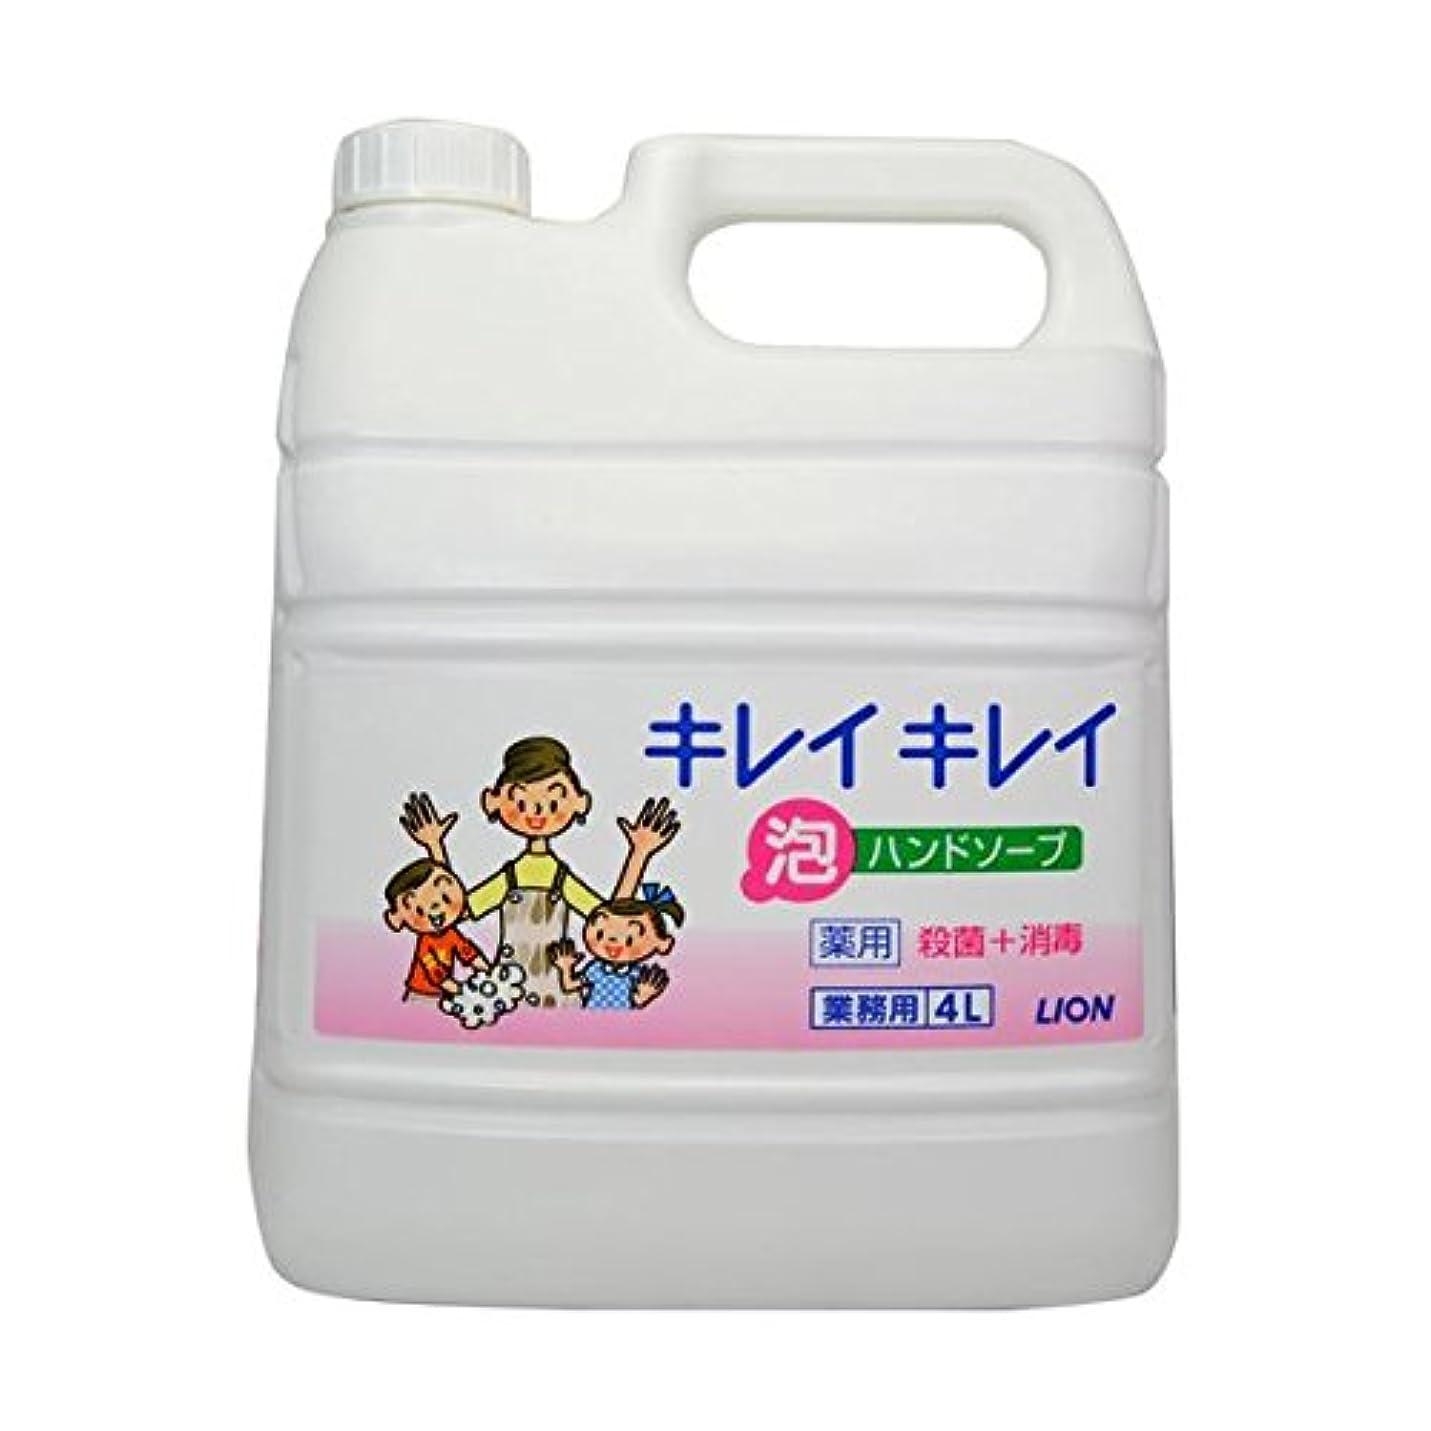 兄馬鹿アイロニーキレイキレイ薬用泡ハンドソープ 4Lボトル×2個+専用泡容器700mLセット